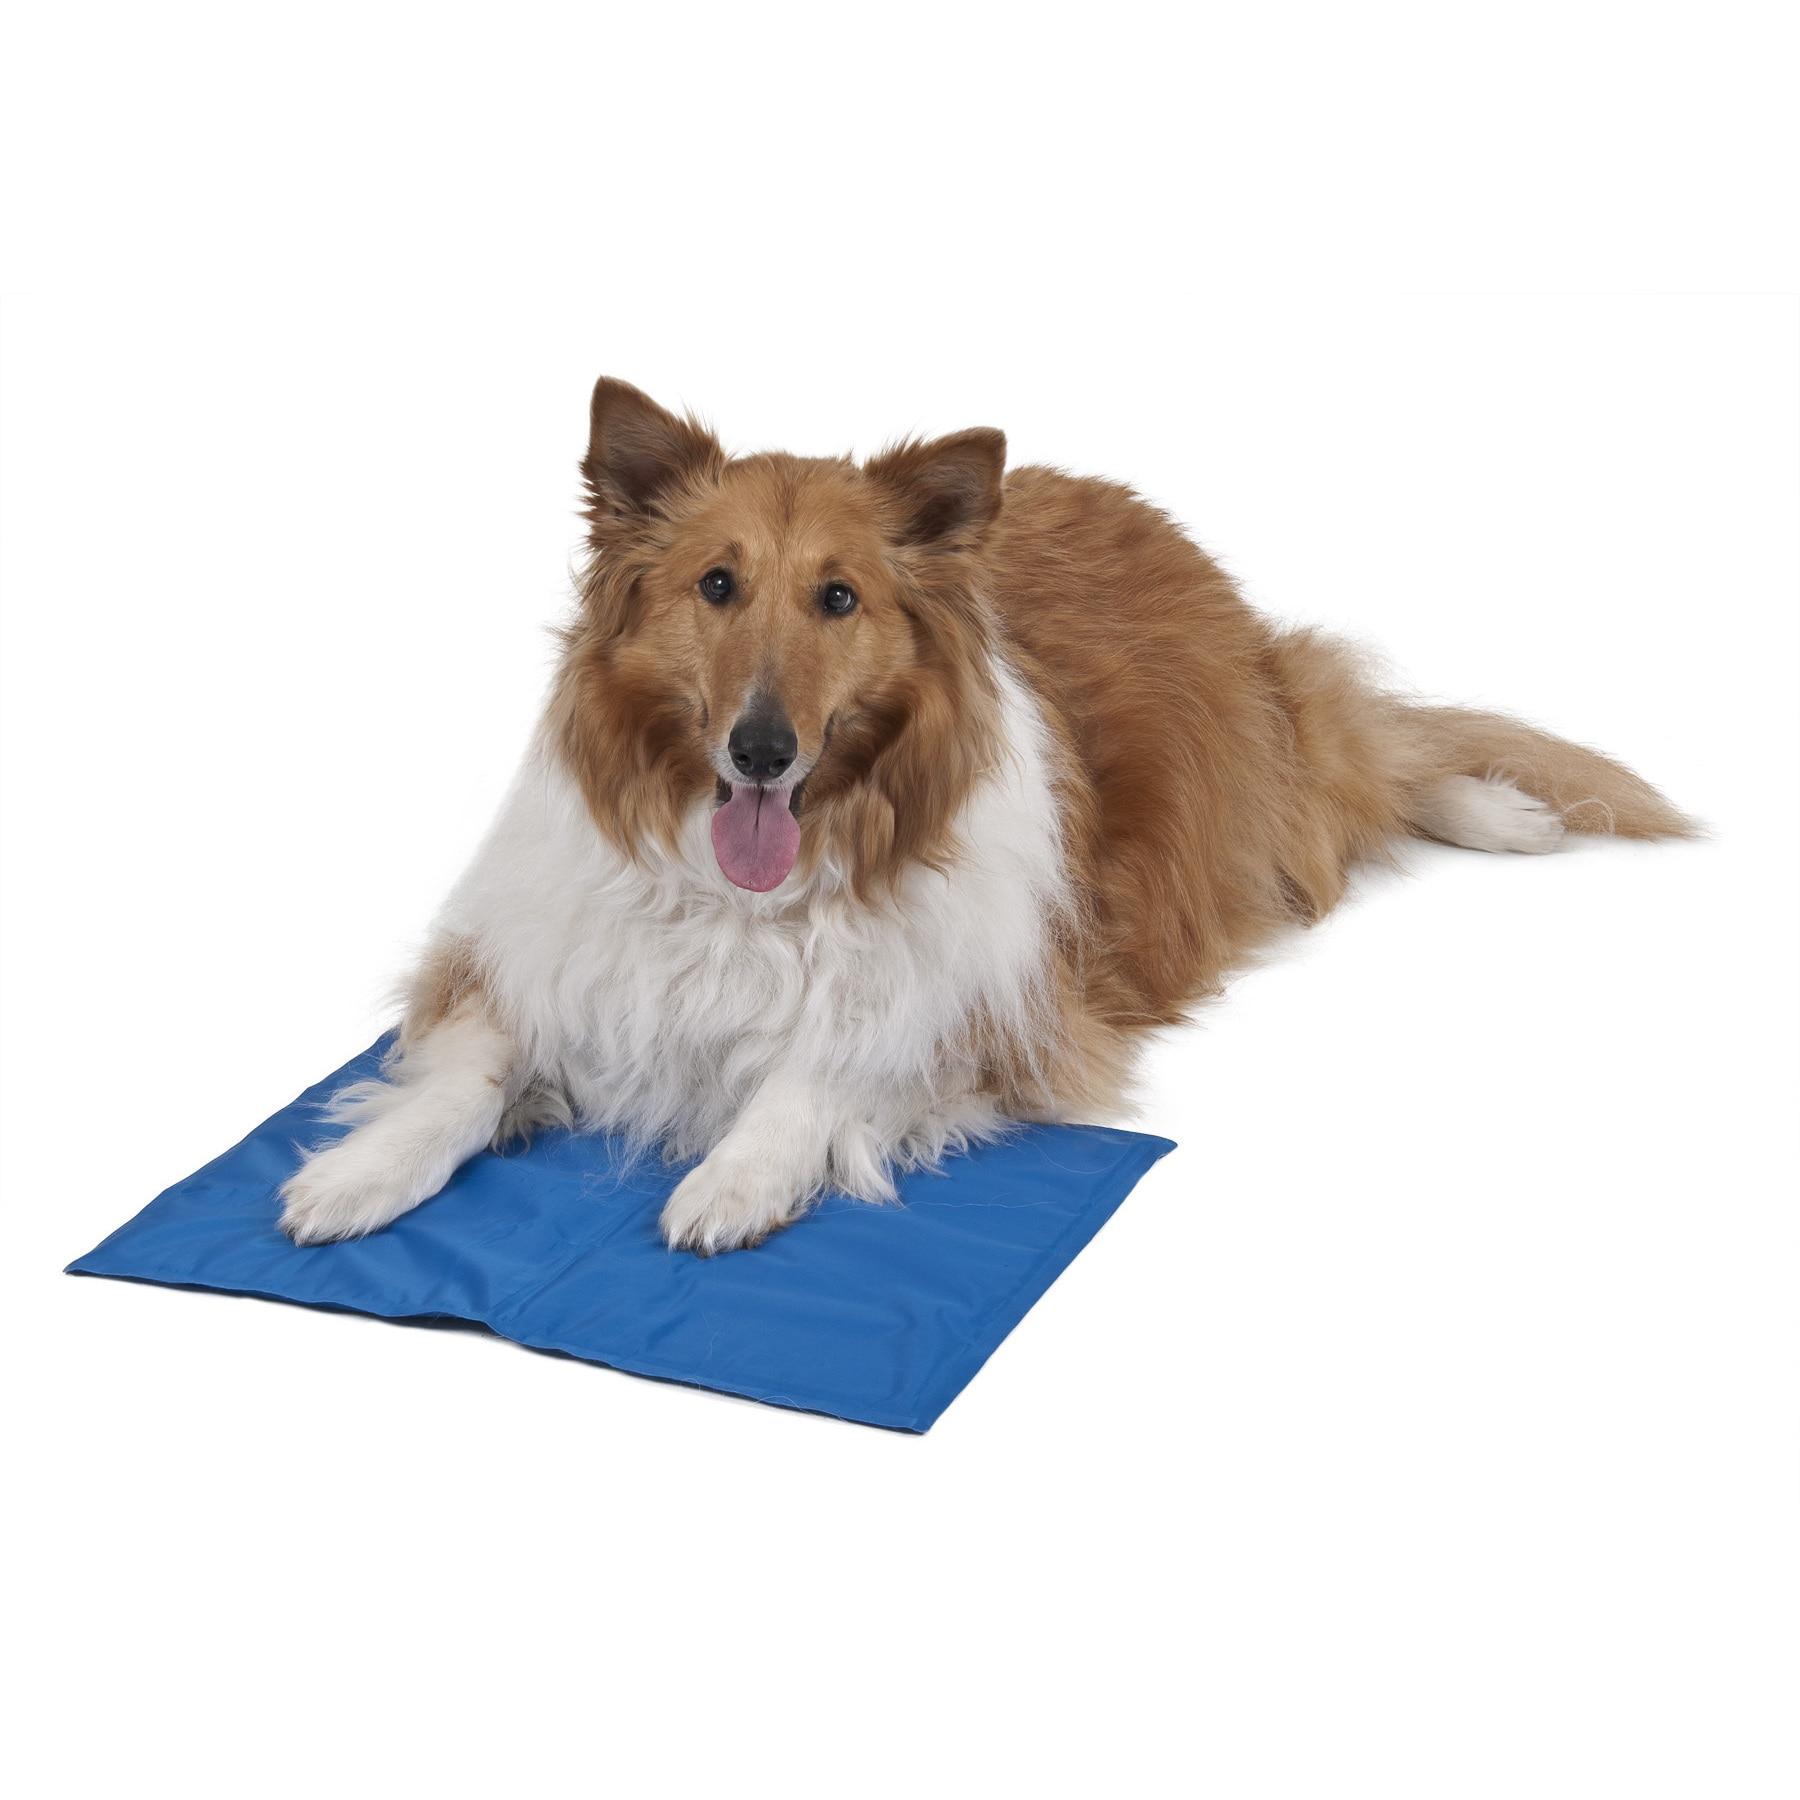 Aspen Pet Aspen Blue Nylon Pet Cooling Mat (Blue)